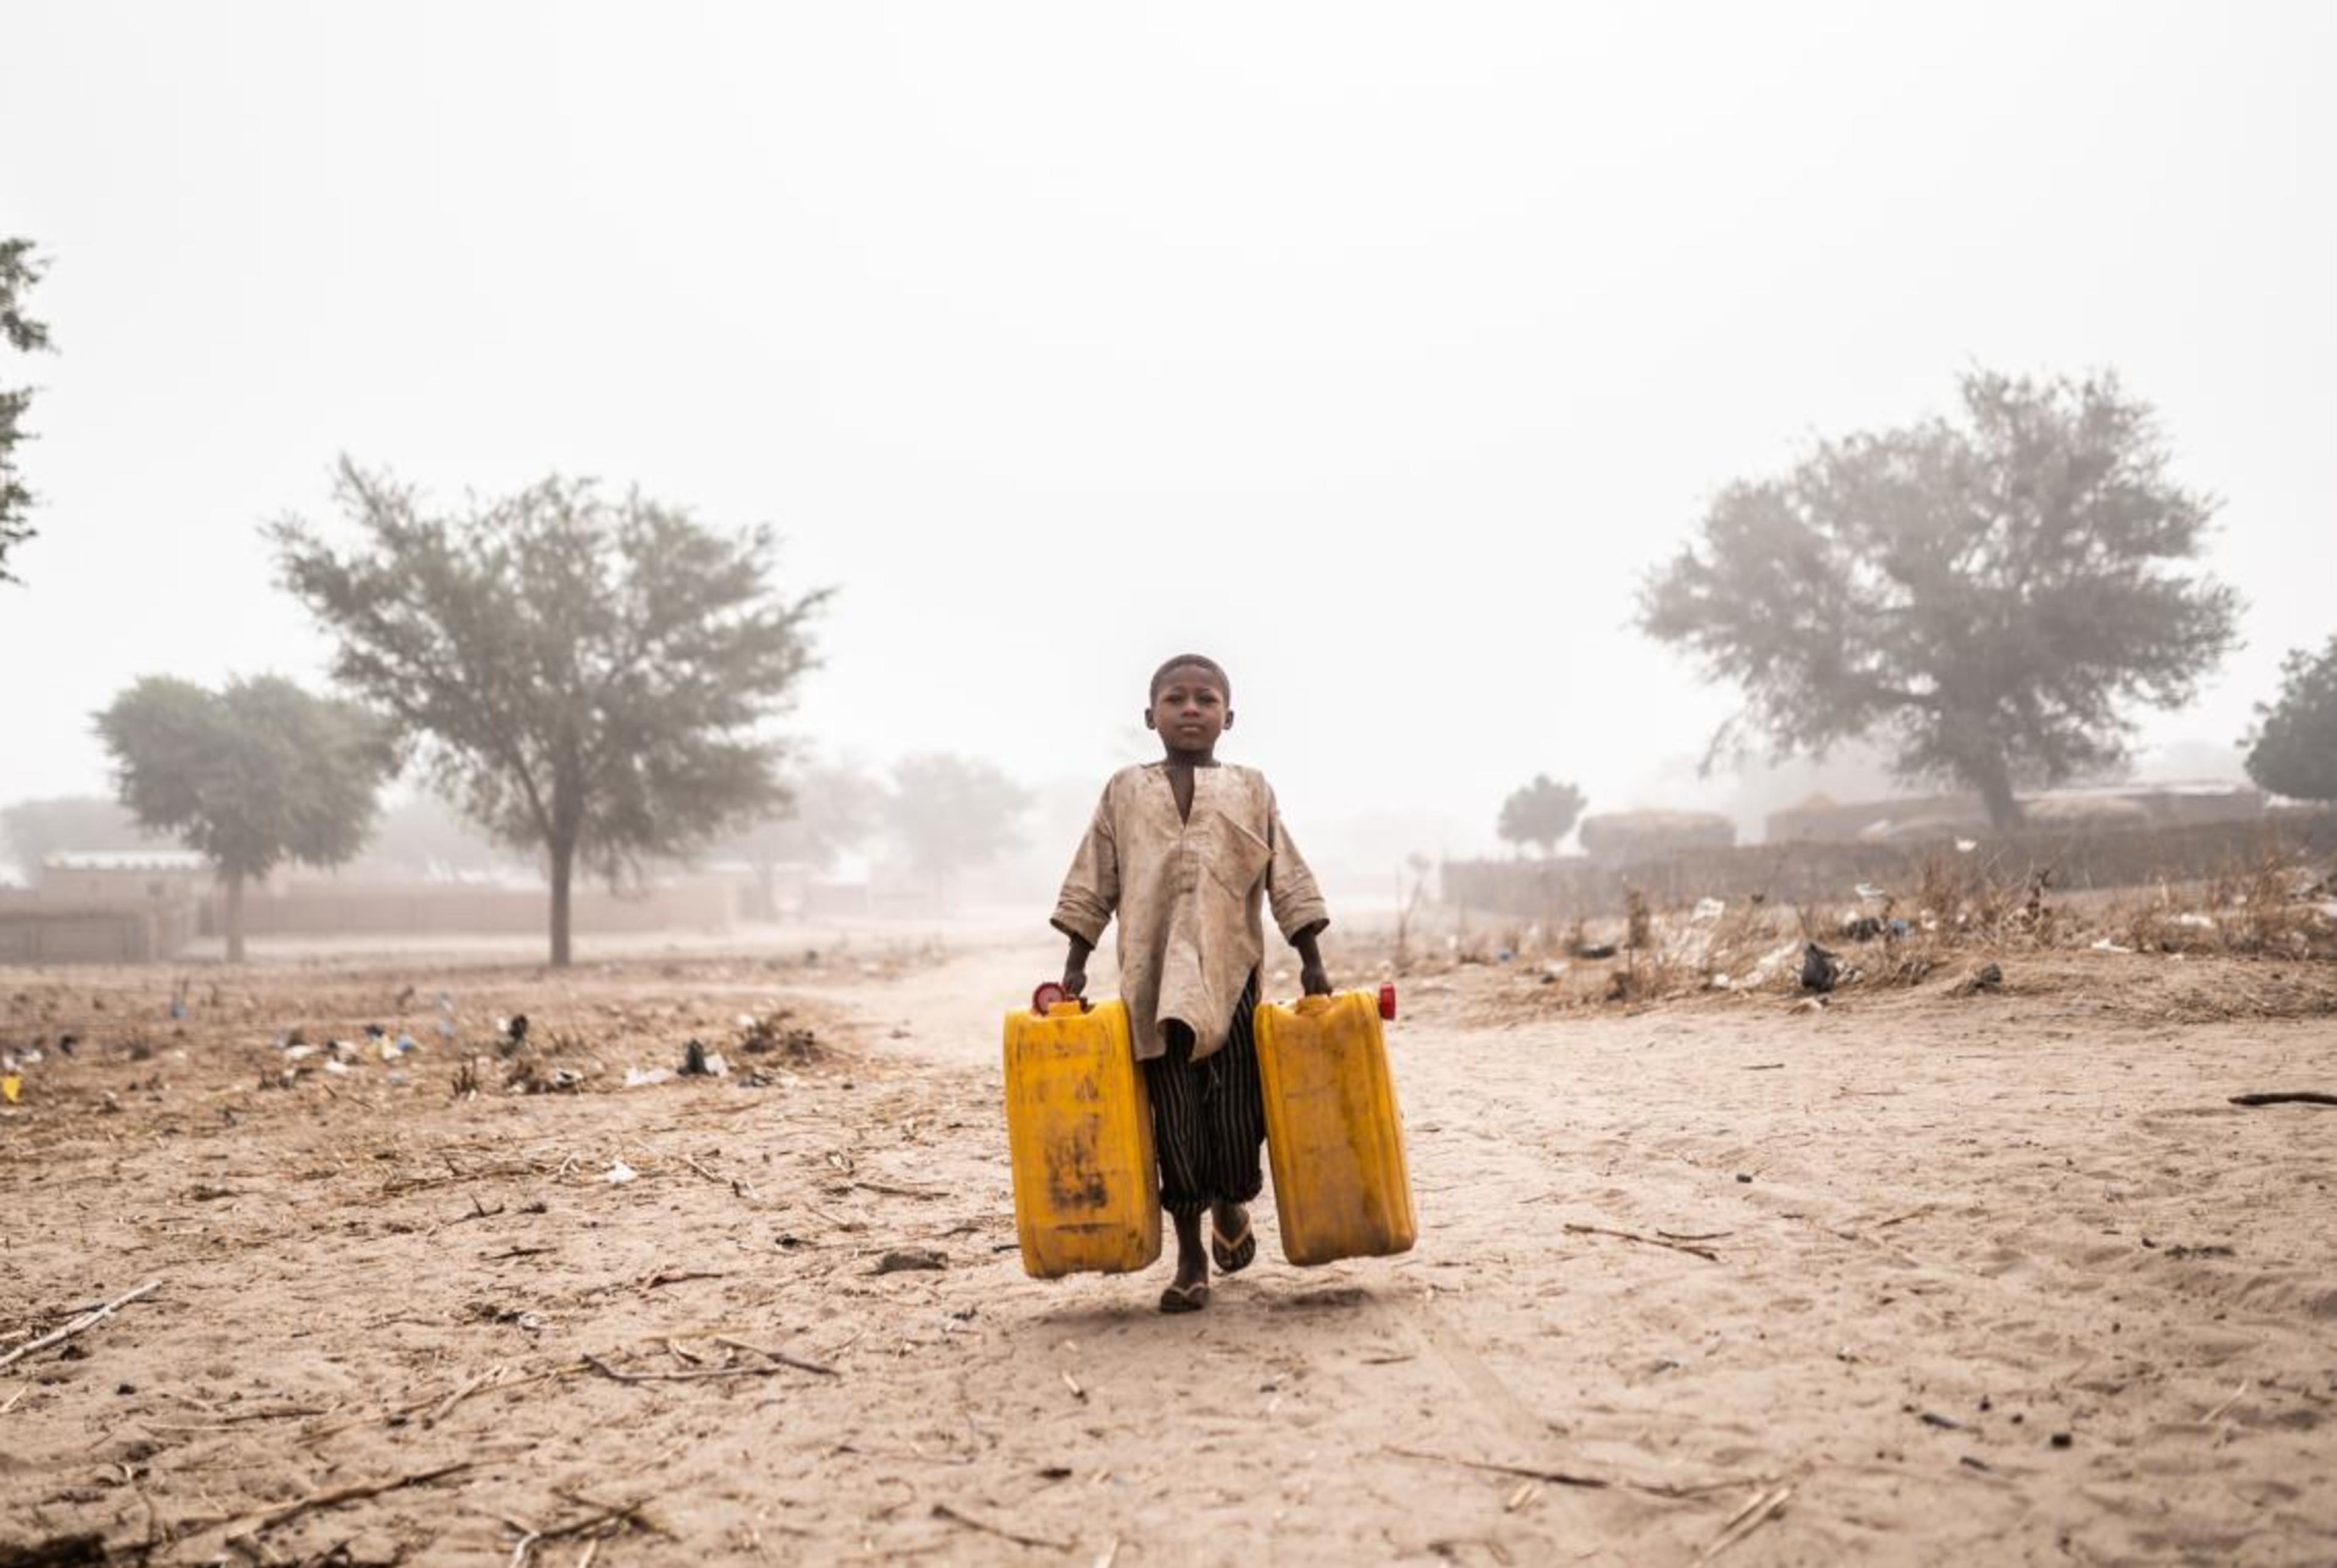 UNICEF/UNI315914/Haro